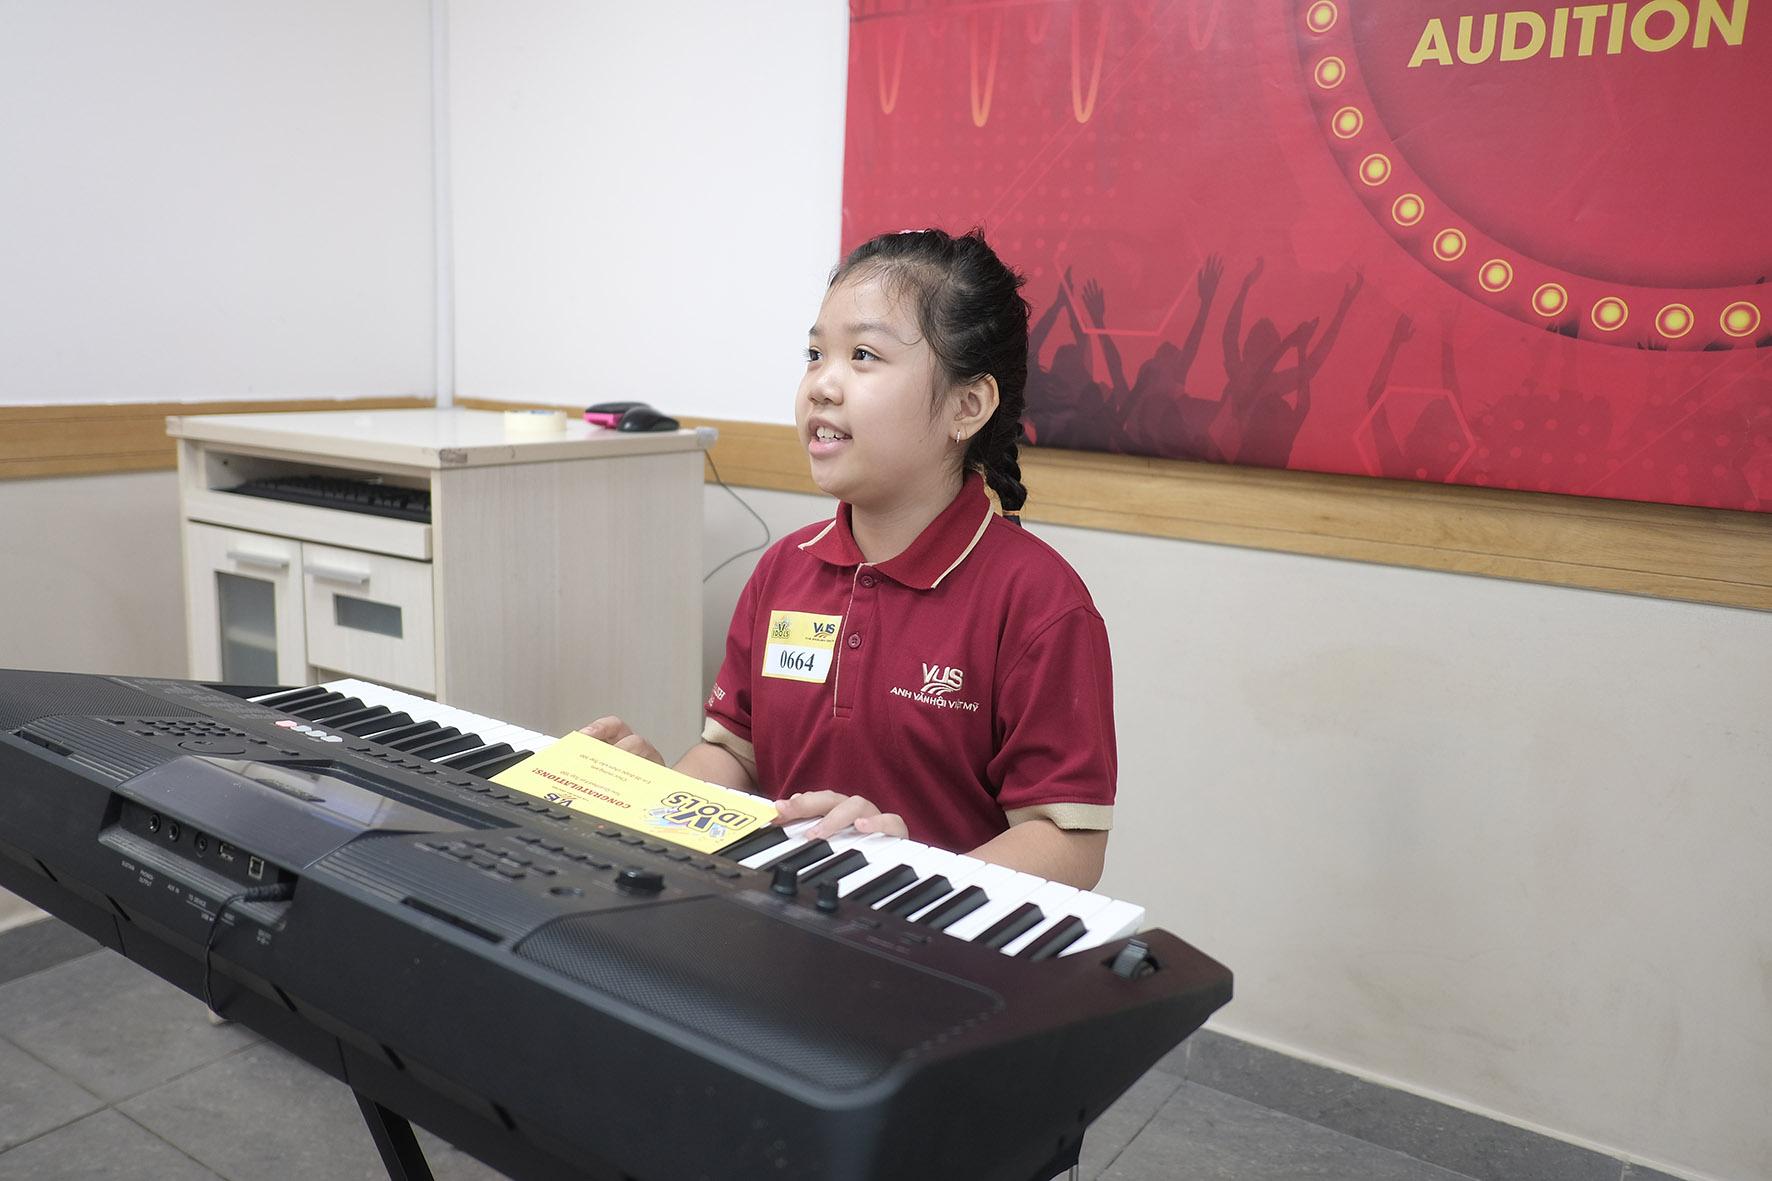 Hoàng Yến Chibi lần đầu làm giám khảo cuộc thi hát tiếng Anh - Ảnh 1.